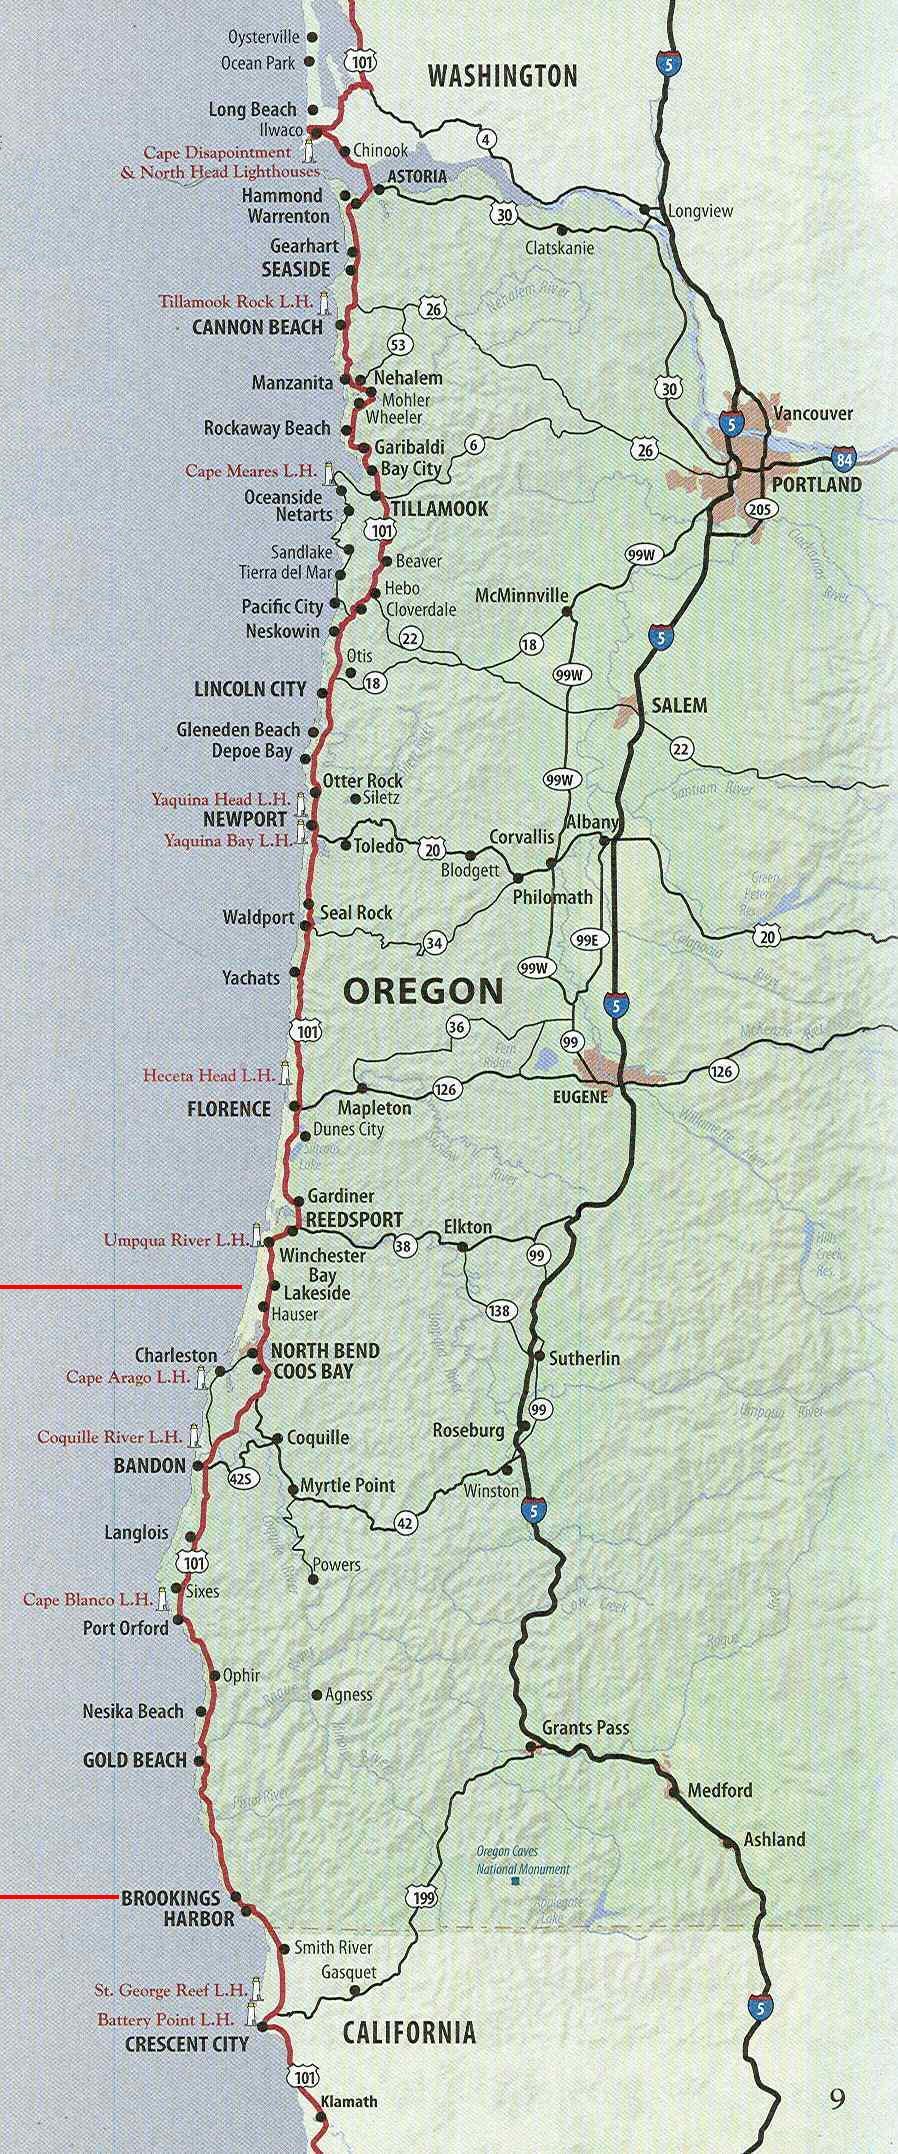 OregonCoastHIghway101